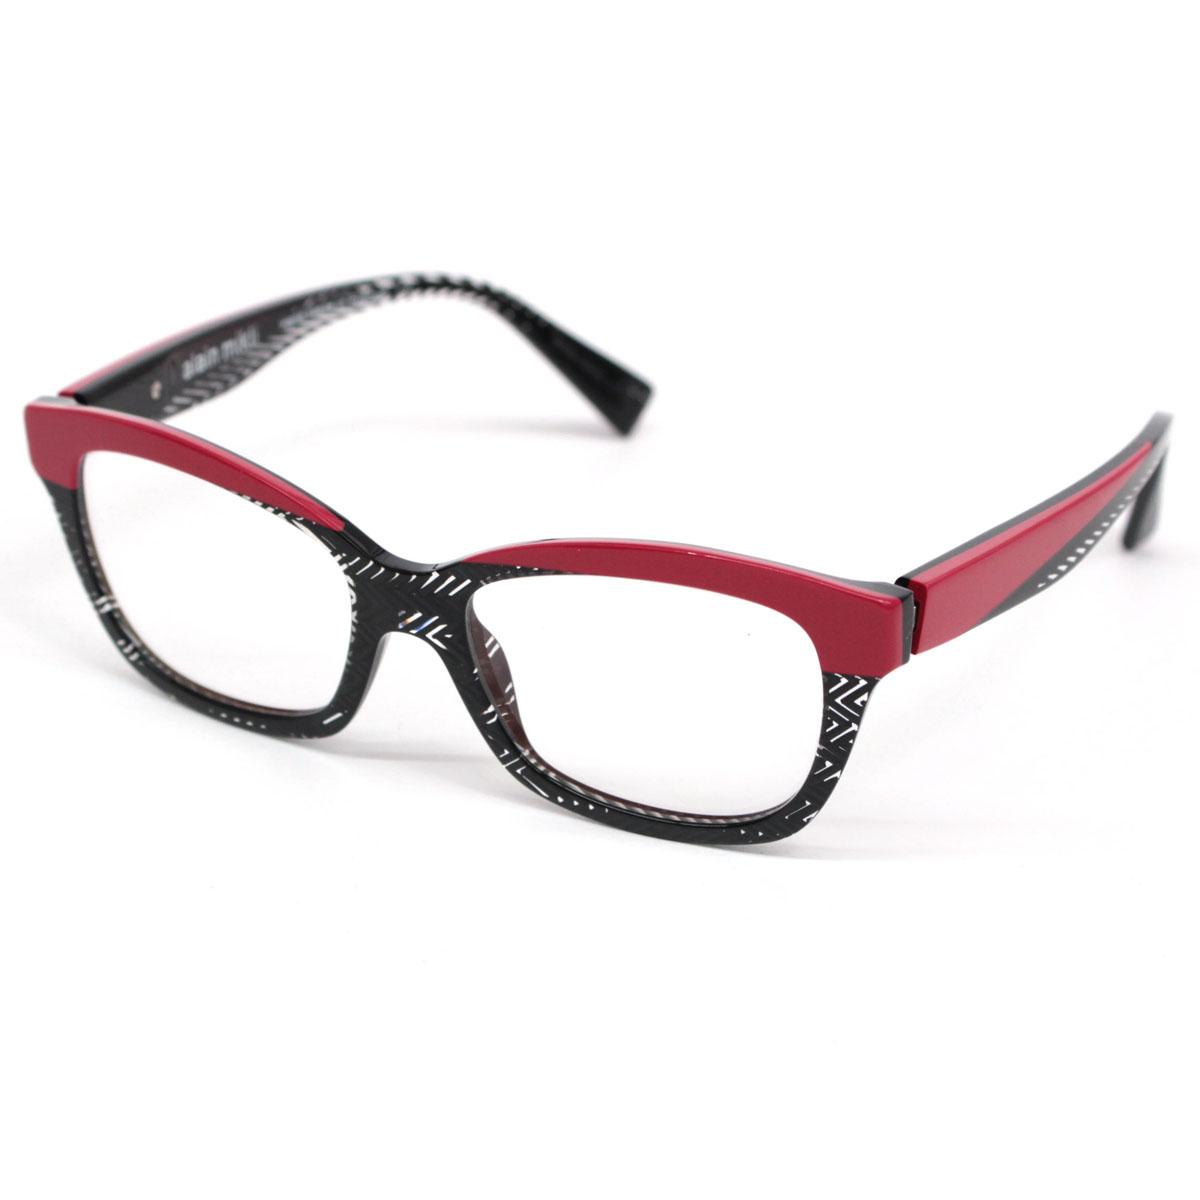 【中古】☆alain mikli アランミクリ A01249 ツートンカラー眼鏡 バネ蝶番 50mm☆  ブラック×クリア×レッド/メガネ/26042-RH0419